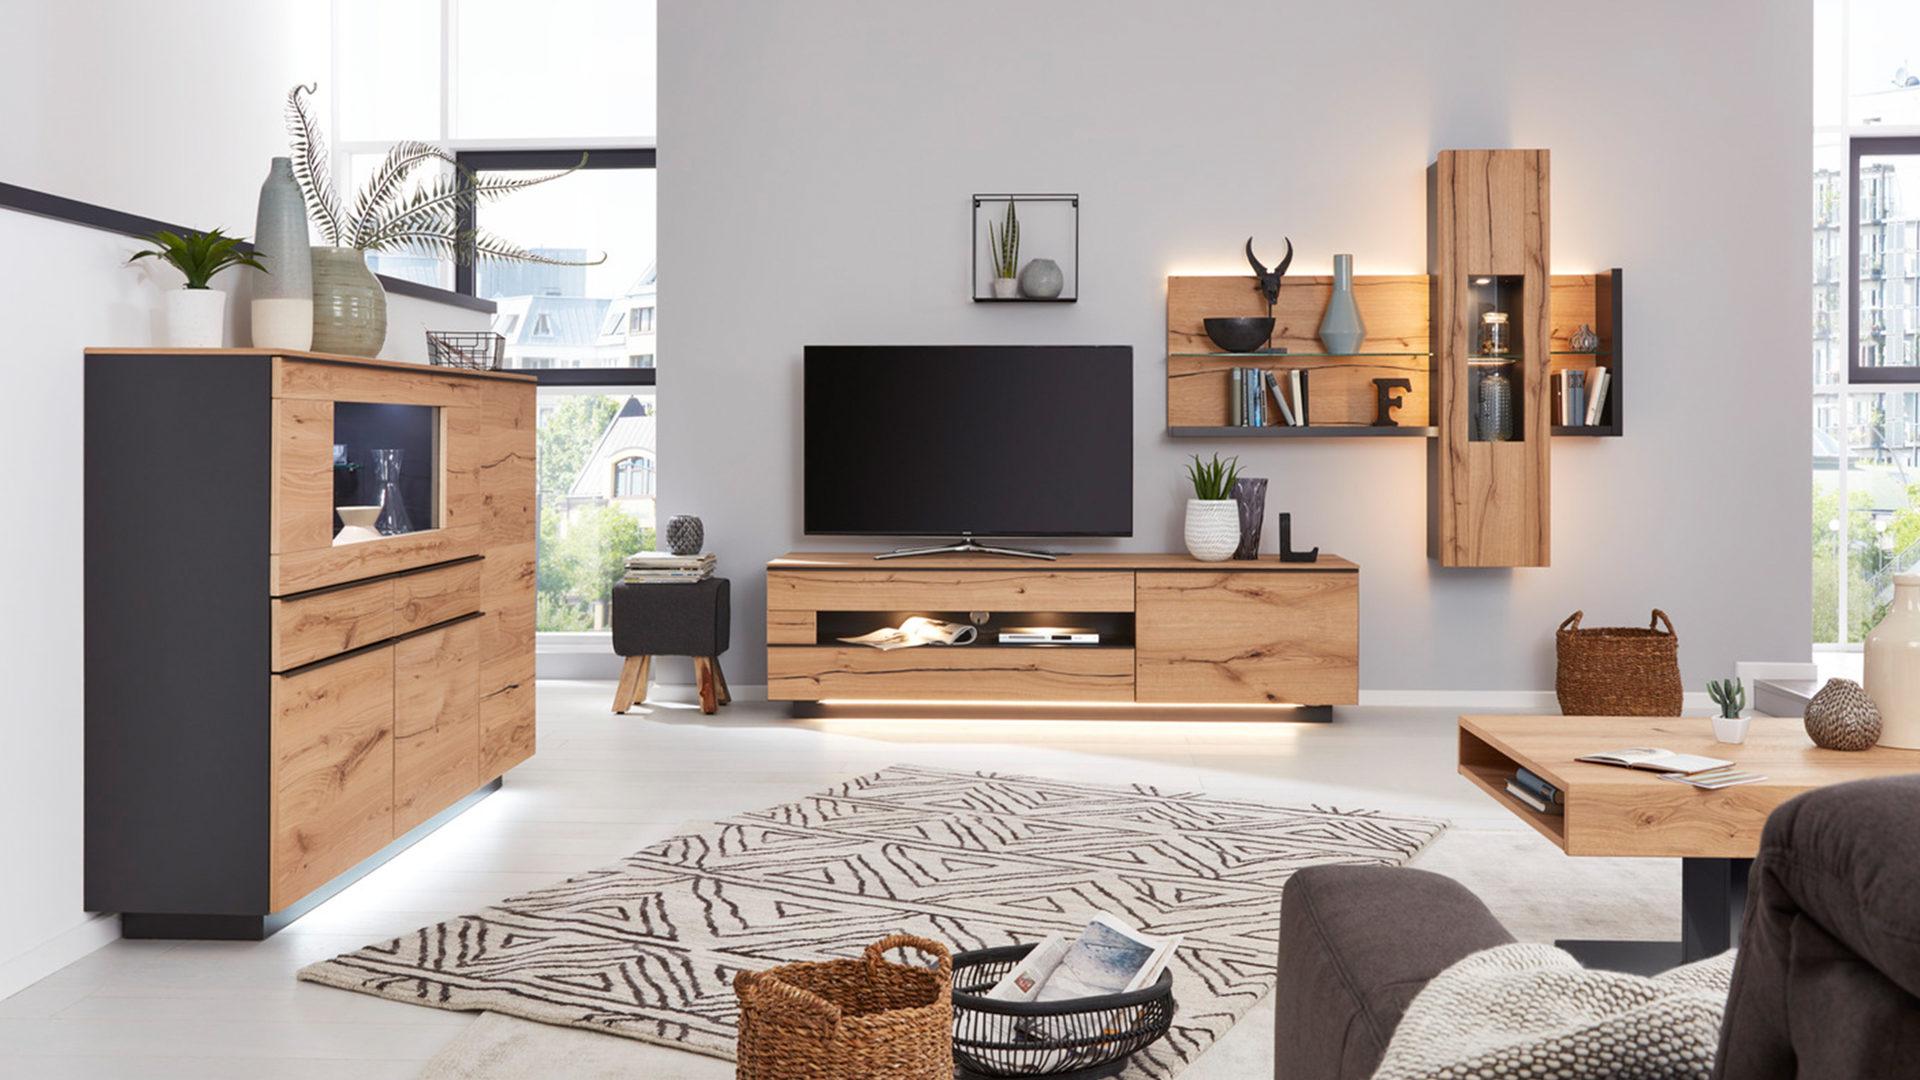 Interliving Wohnzimmer Serie 2103 – Highboard 560713 mit Beleuchtung,  schieferschwarzer Lack & Asteiche - zwei Türen, zwei Sc